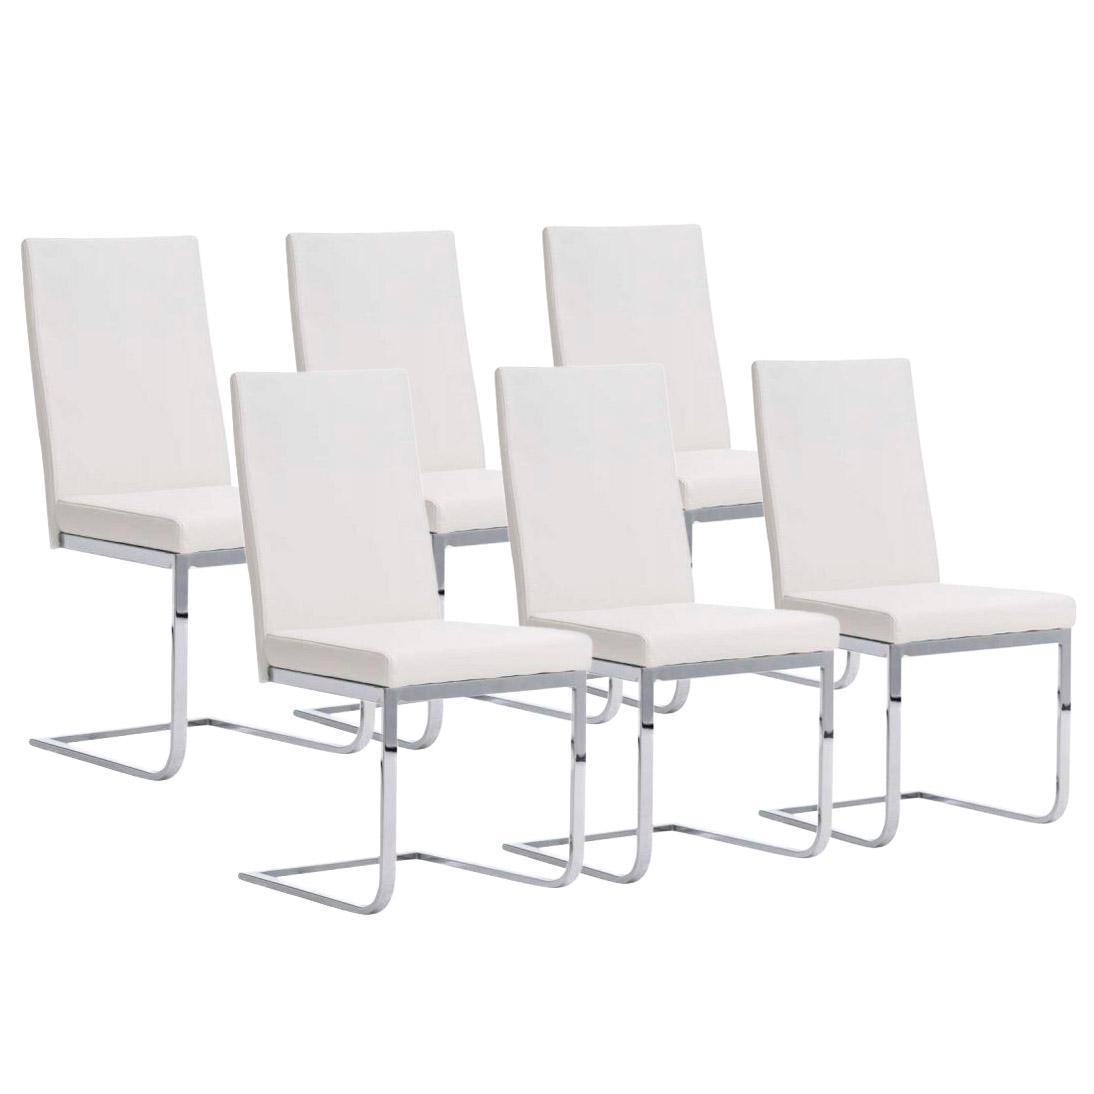 Lote 6 sillas de comedor o cocina aspe dise o atemporal for Sillas cocina diseno